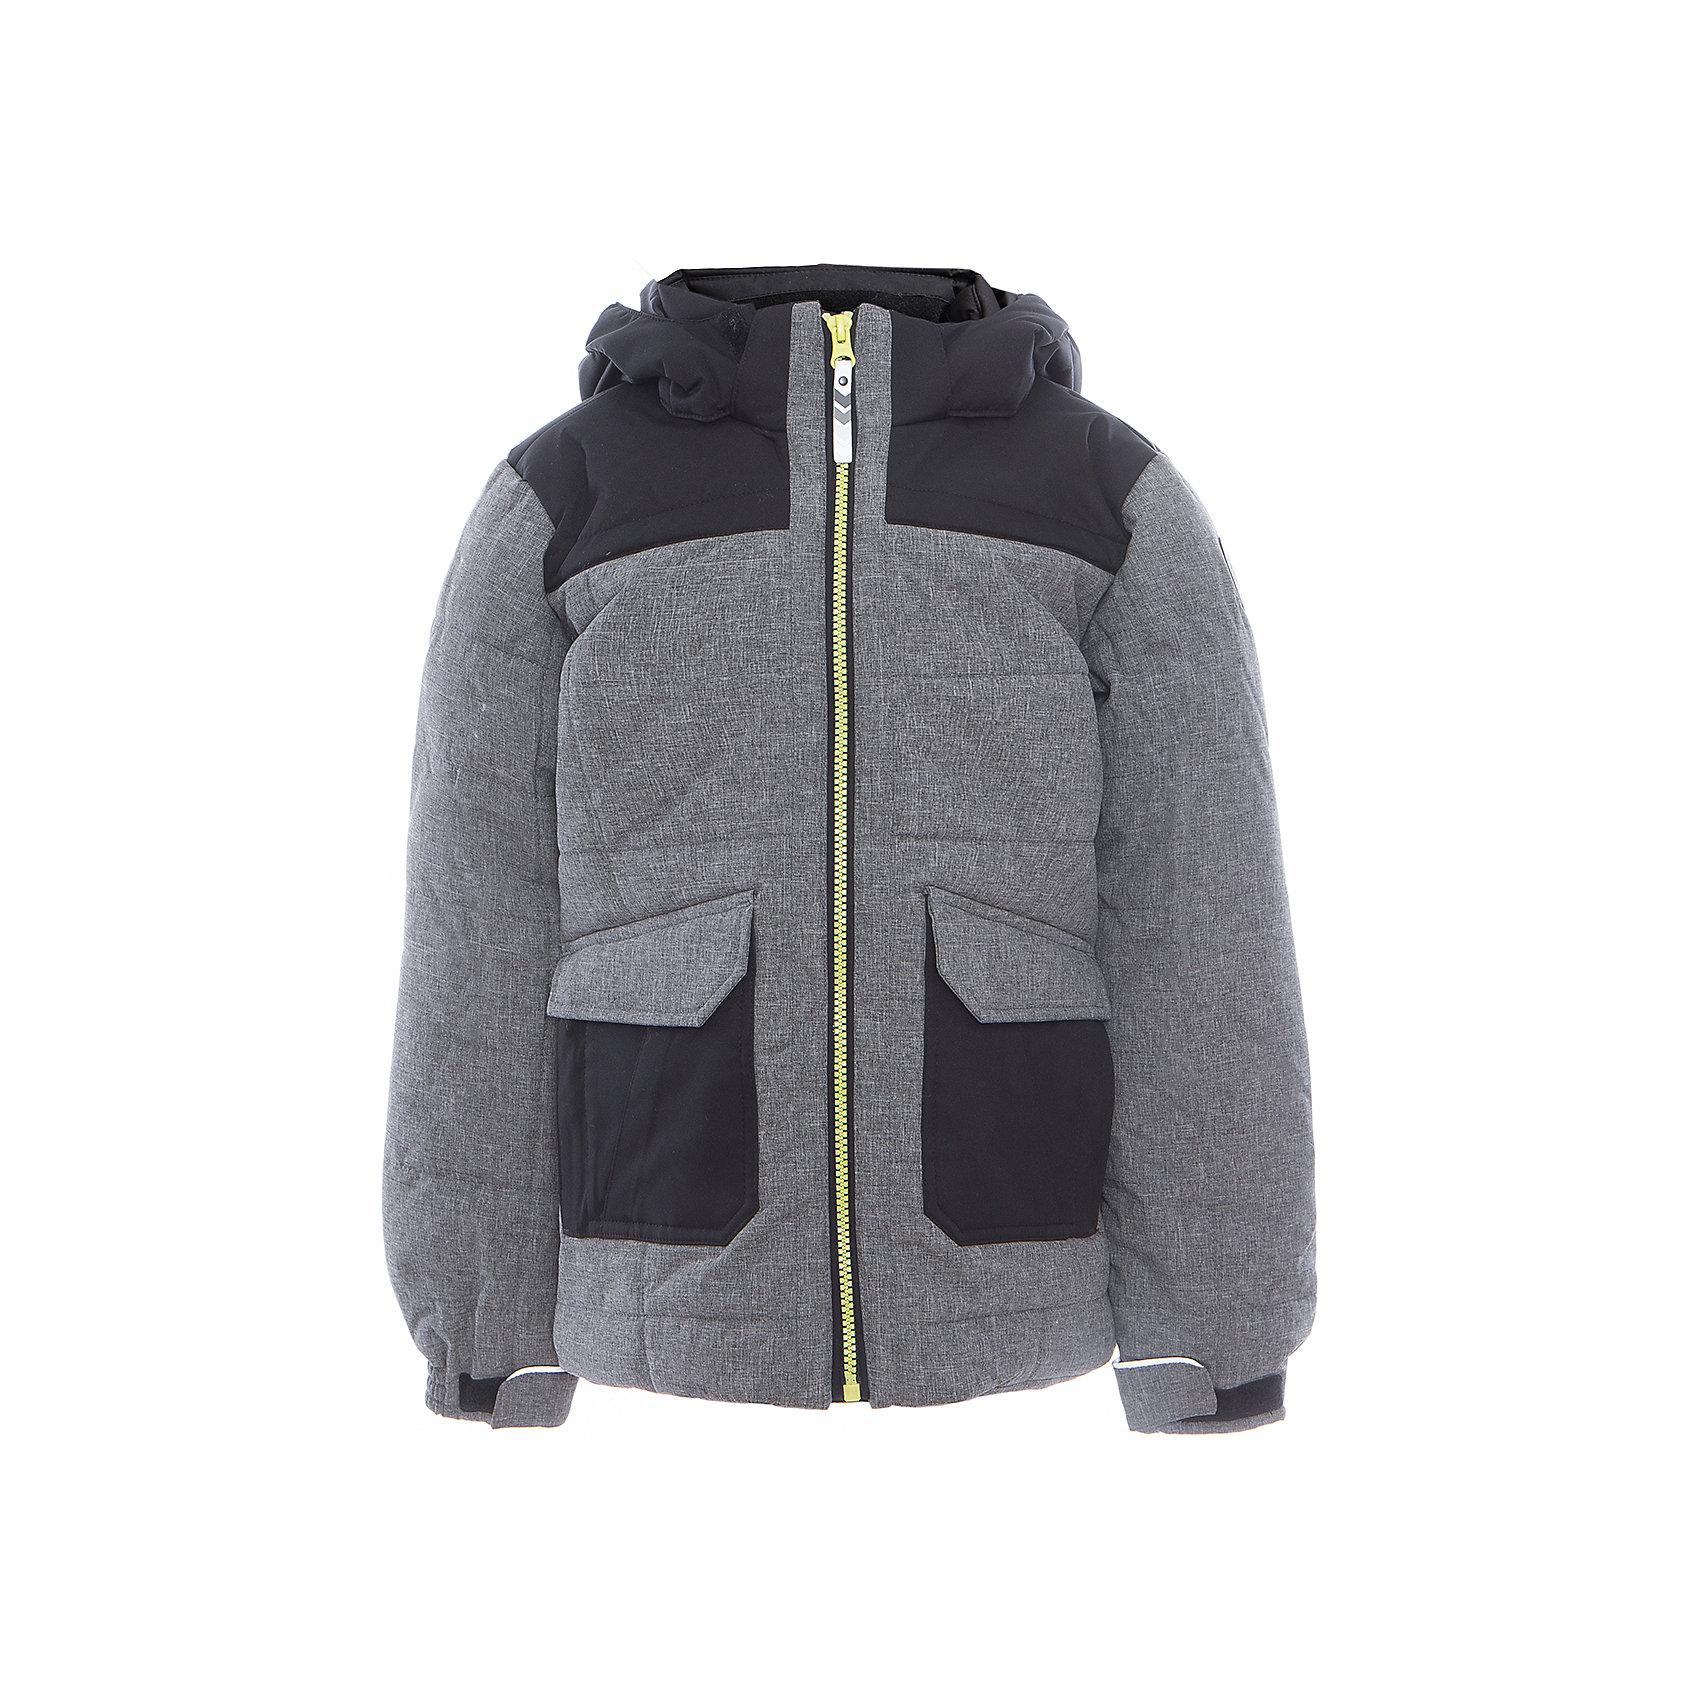 Куртка для мальчика ICEPEAKОдежда<br>Куртка для мальчика от известного бренда ICEPEAK.<br>Куртка с отстегивающимся капюшоном, материал куртки состоит из двух типов ткани: карманы и плечевая часть и капюшон -однотонная ткань, остальная часть куртки -ткань меланж, сформированный локоть, утяжка в нижней части куртки, регулируемый манжет на липучке, карман в левой части куртки на молнии, утепленные и мягкие боковые карманы на молнии, мягкий и теплый внутренний воротник, светоотражающие элементы, искусственный утеплитель Finnwad, утепление 220/220 гр., рекомендуемый температурный режим до -30 град.,Icetech 3 000/3000, 2-layer, Children's safety, Reflectors<br>Состав:<br>100% полиэстер<br><br>Ширина мм: 356<br>Глубина мм: 10<br>Высота мм: 245<br>Вес г: 519<br>Цвет: серый<br>Возраст от месяцев: 84<br>Возраст до месяцев: 96<br>Пол: Мужской<br>Возраст: Детский<br>Размер: 128,176,164,140<br>SKU: 5413931